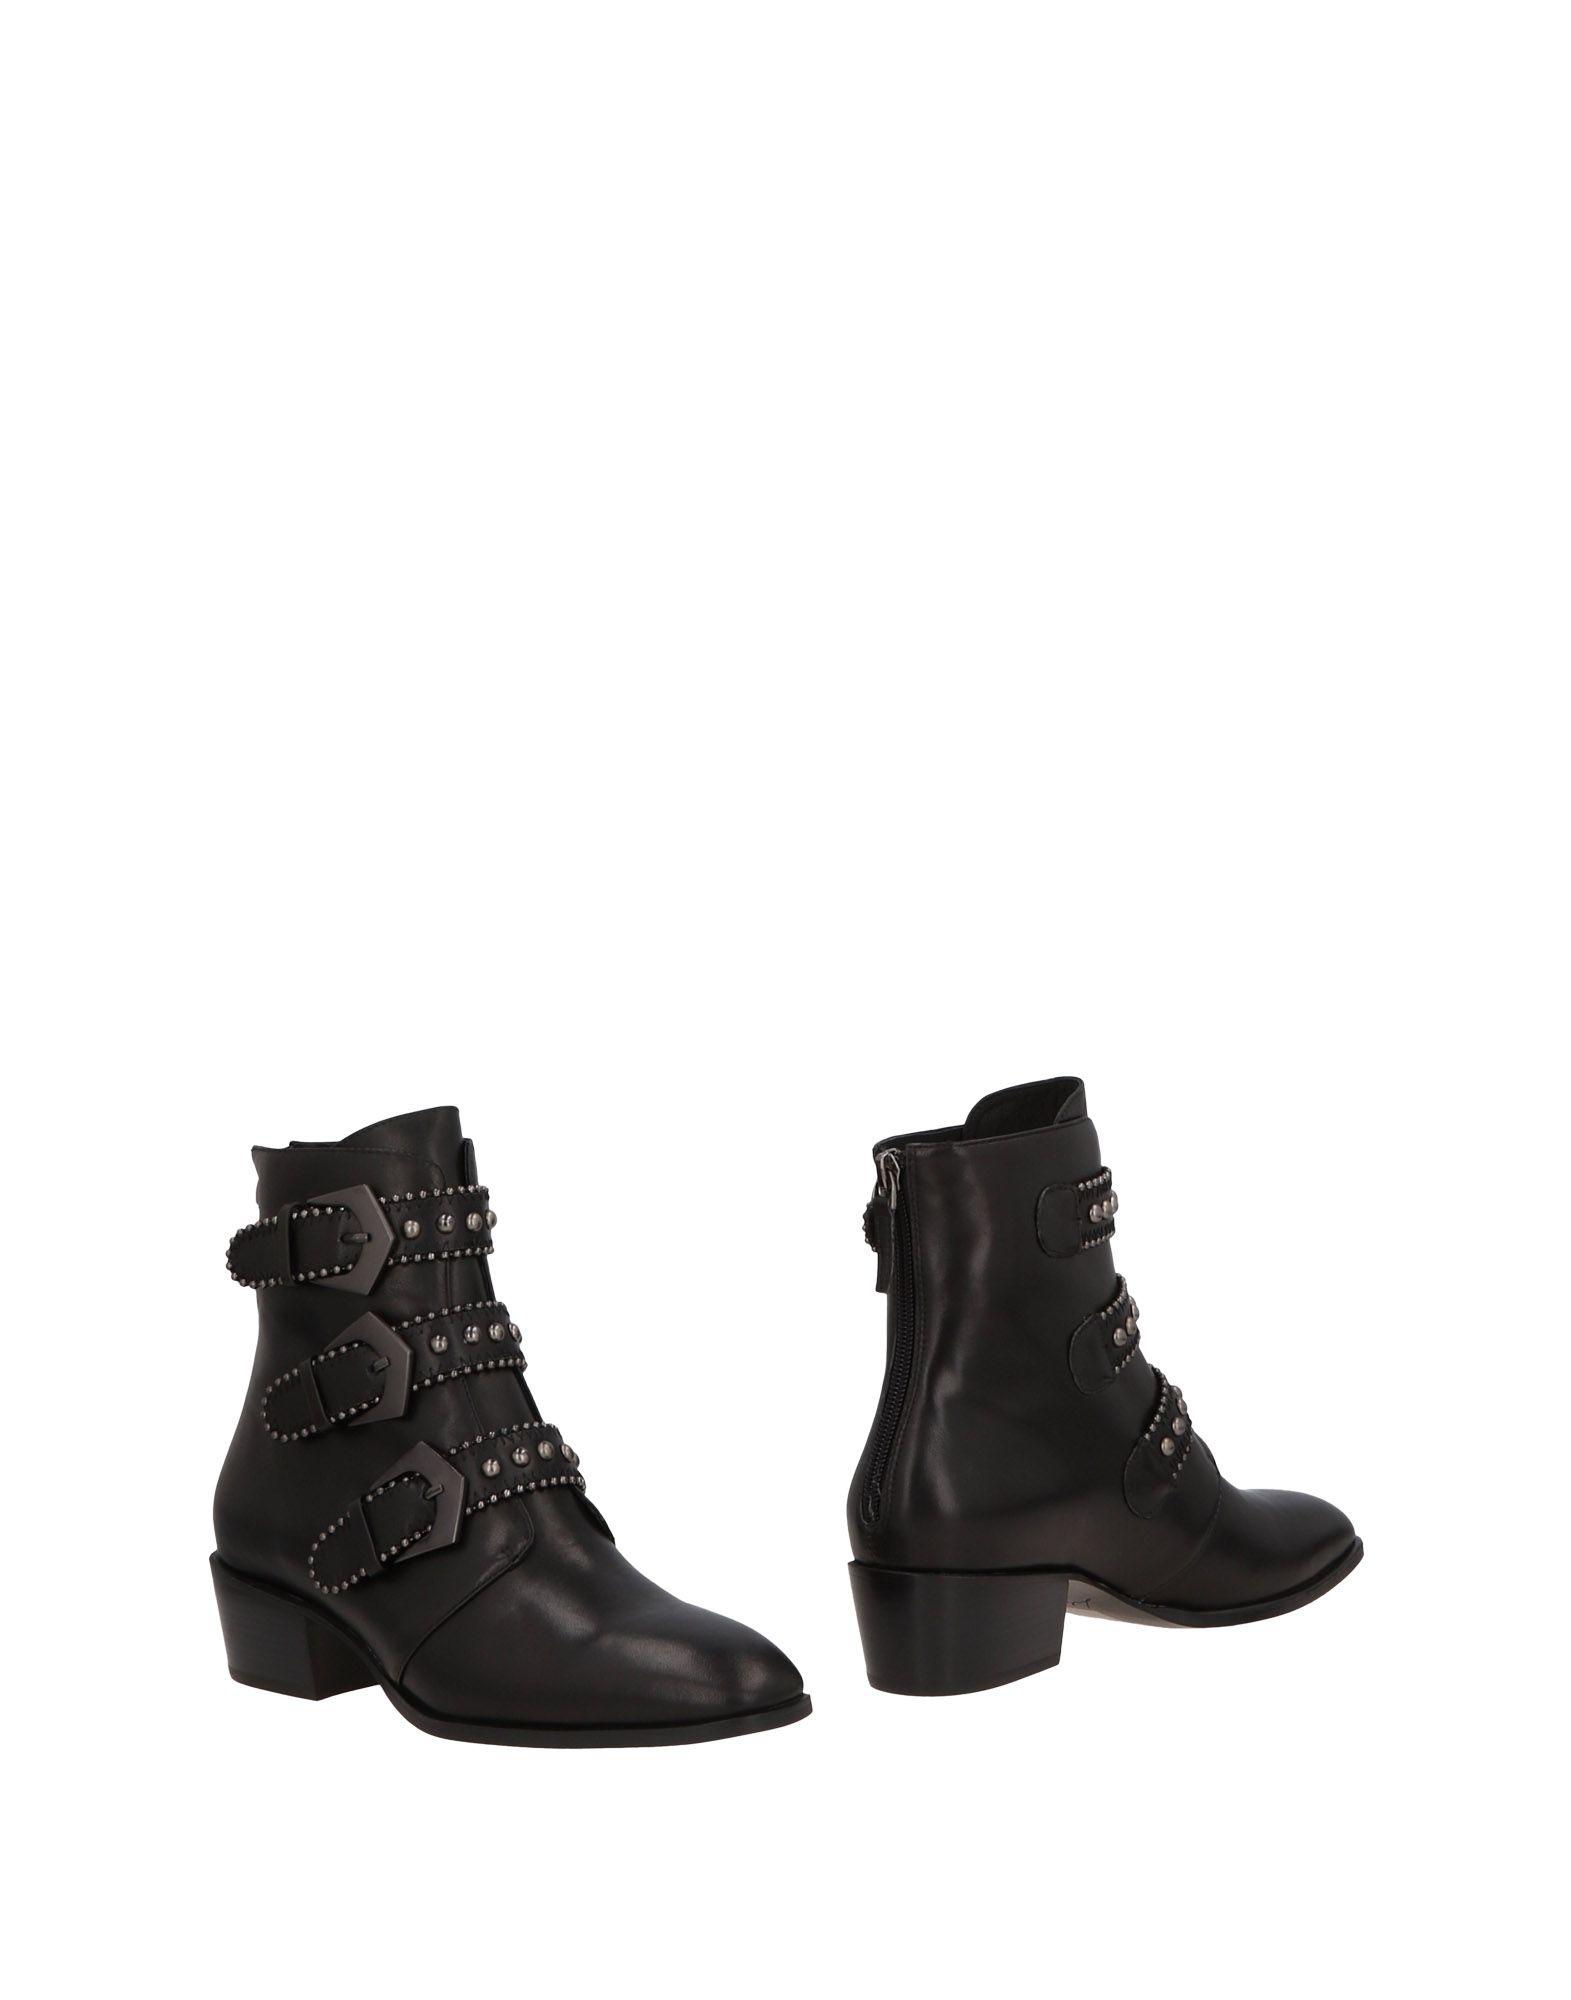 Bottine Lola Cruz Femme - Bottines Lola Cruz Noir Nouvelles chaussures pour hommes et femmes, remise limitée dans le temps